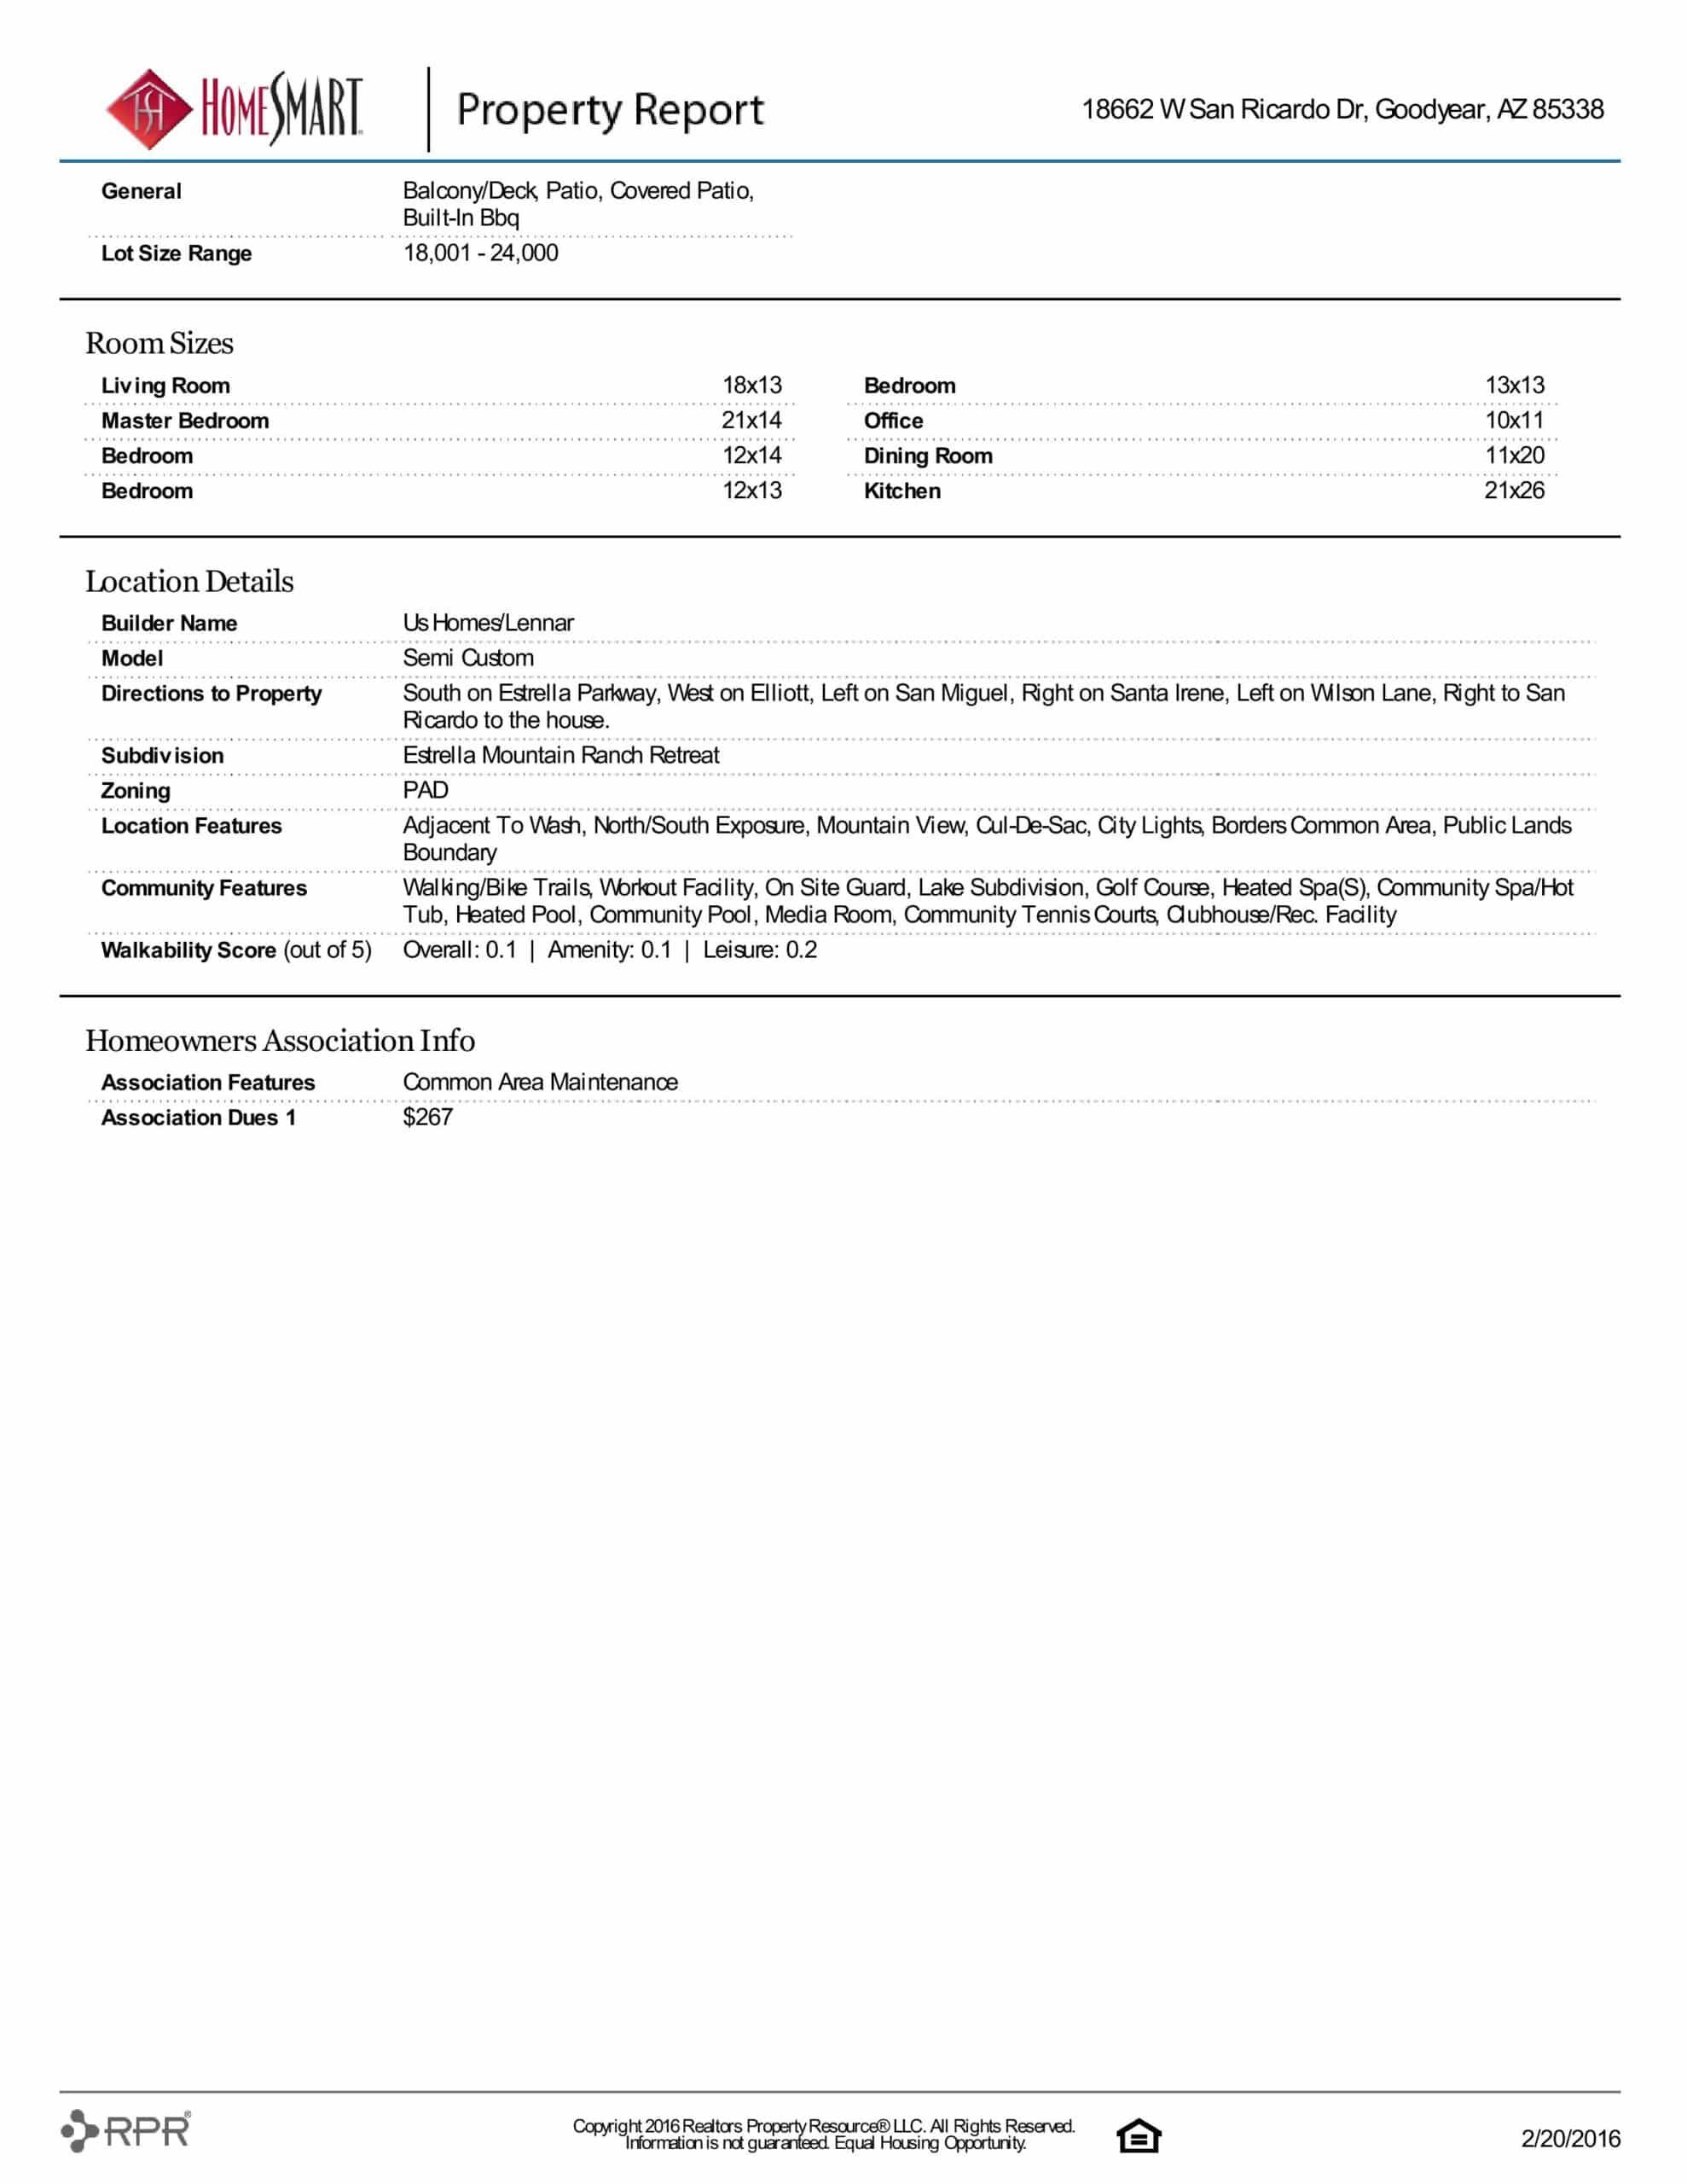 18662 W SAN RICARDO DR PROPERTY REPORT-page-005